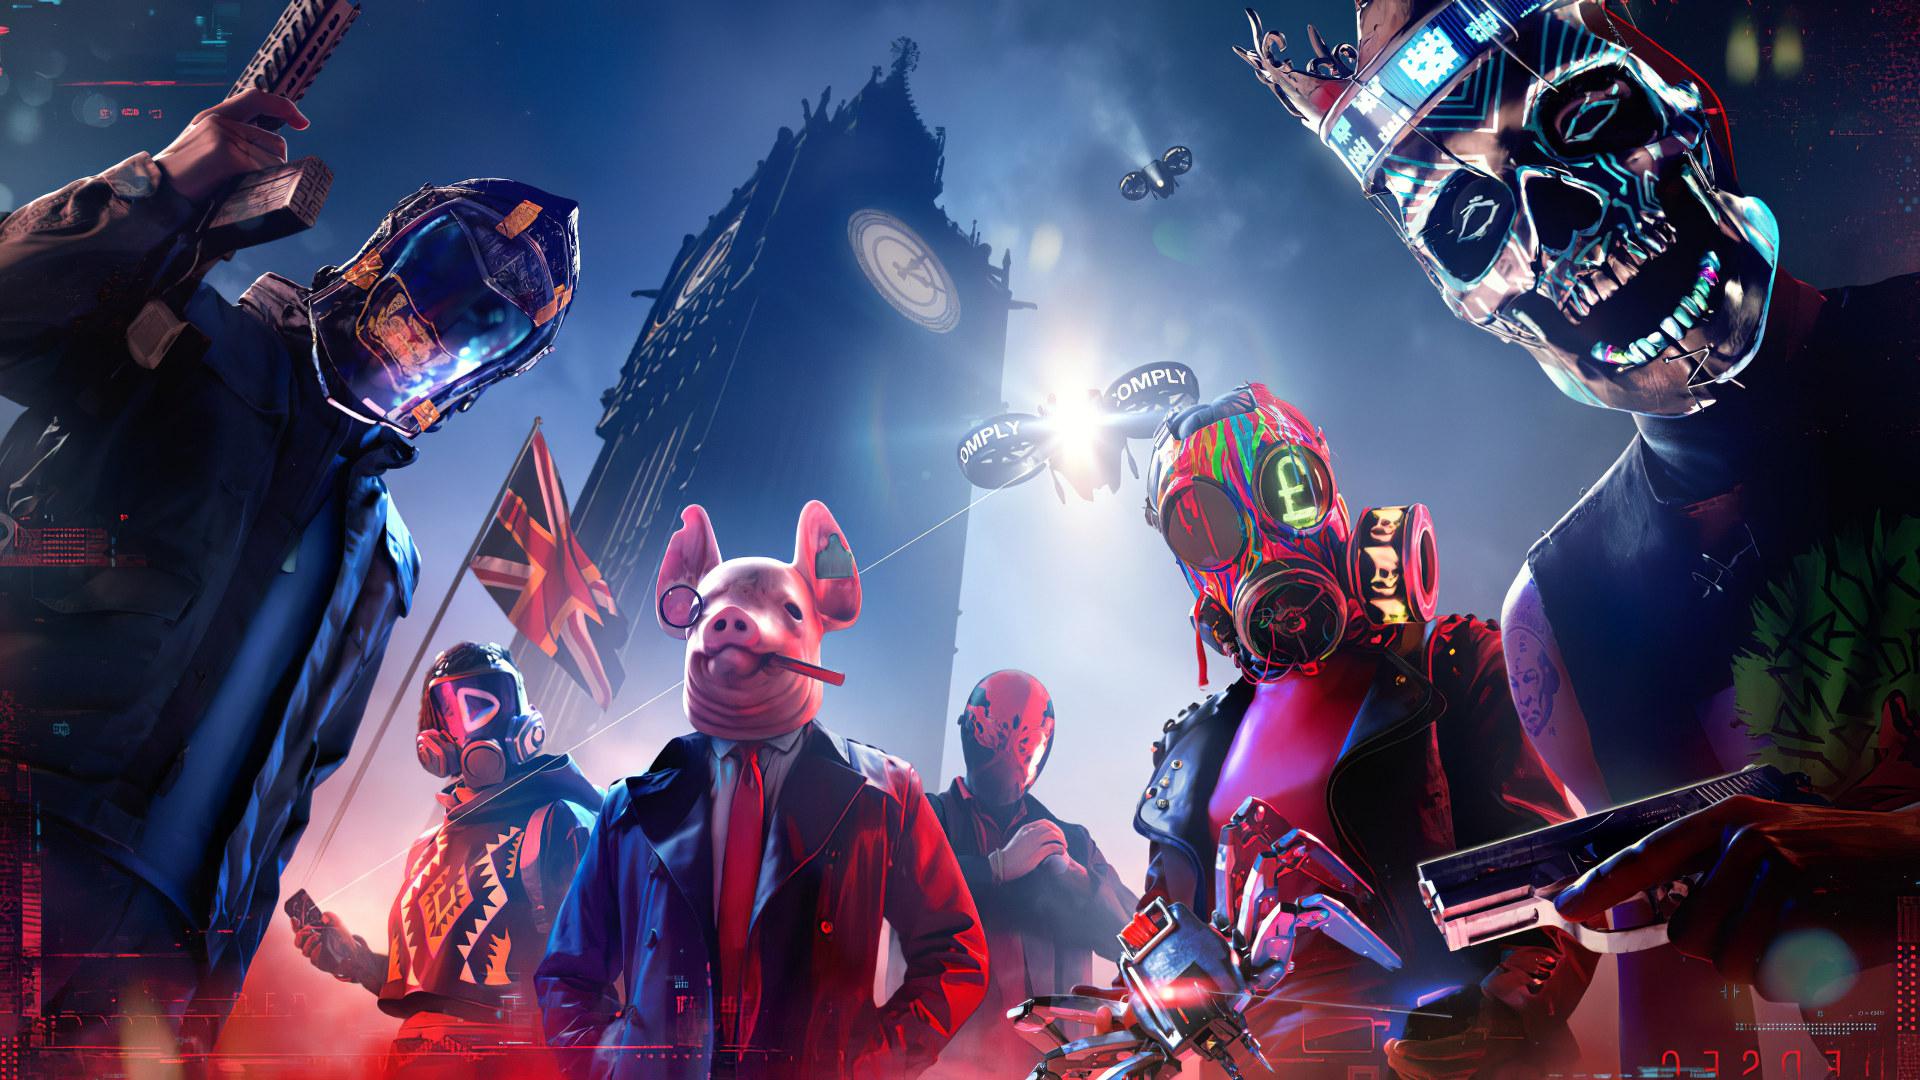 Ubisoft annuncia Watch Dogs Legion: ecco immagini e video dall'E3 2019